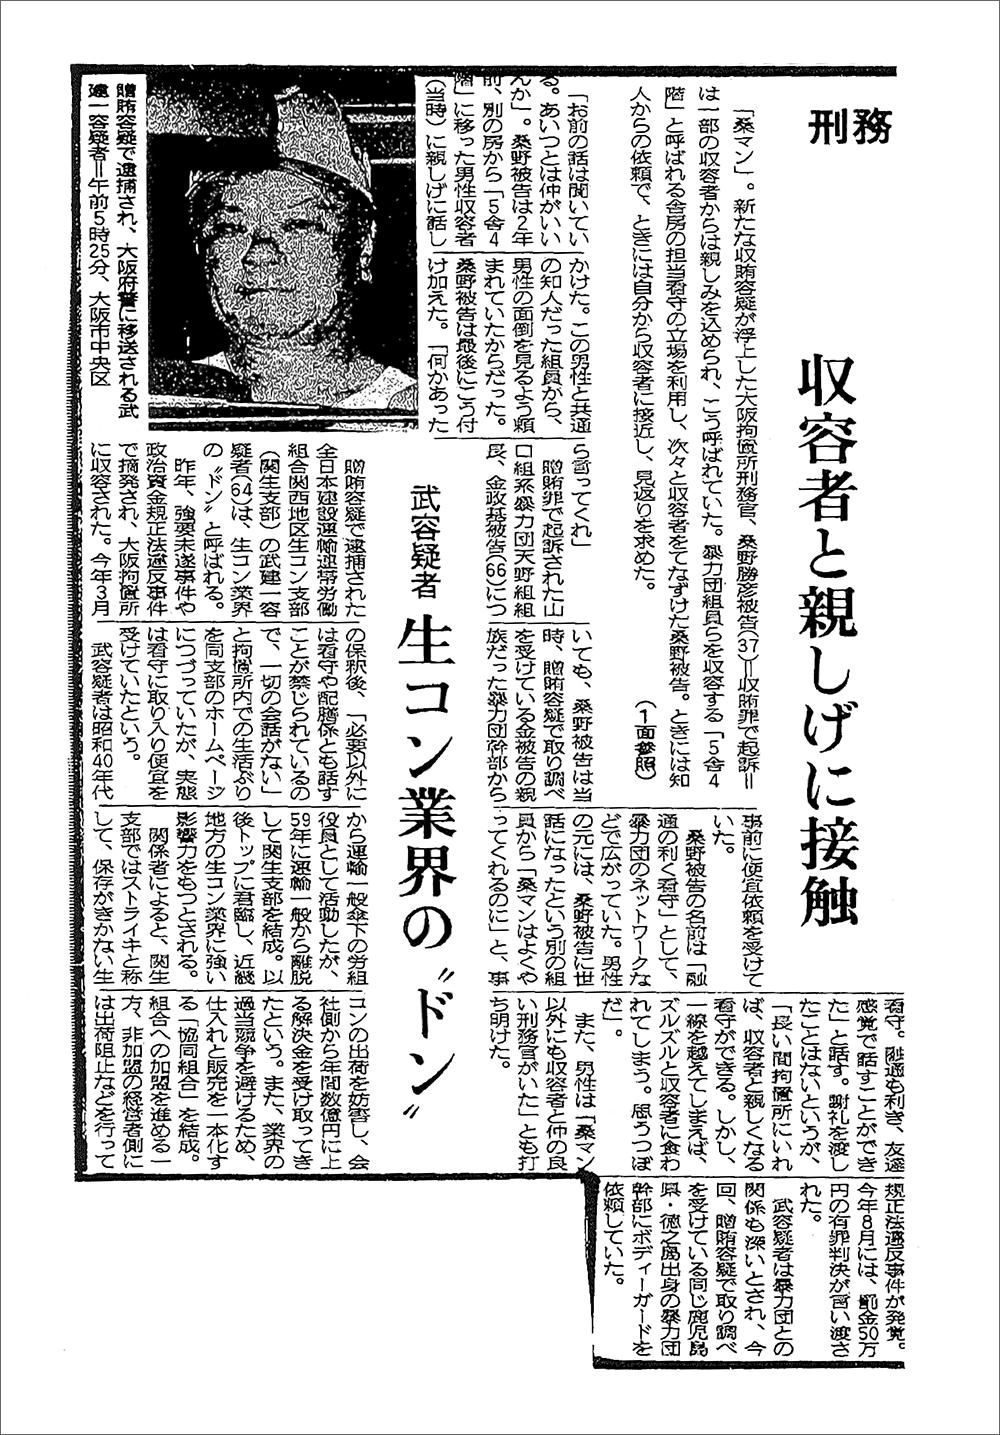 奈良 ヤクザ 観光 平山 薬師寺|奈良県観光[公式サイト] あをによし